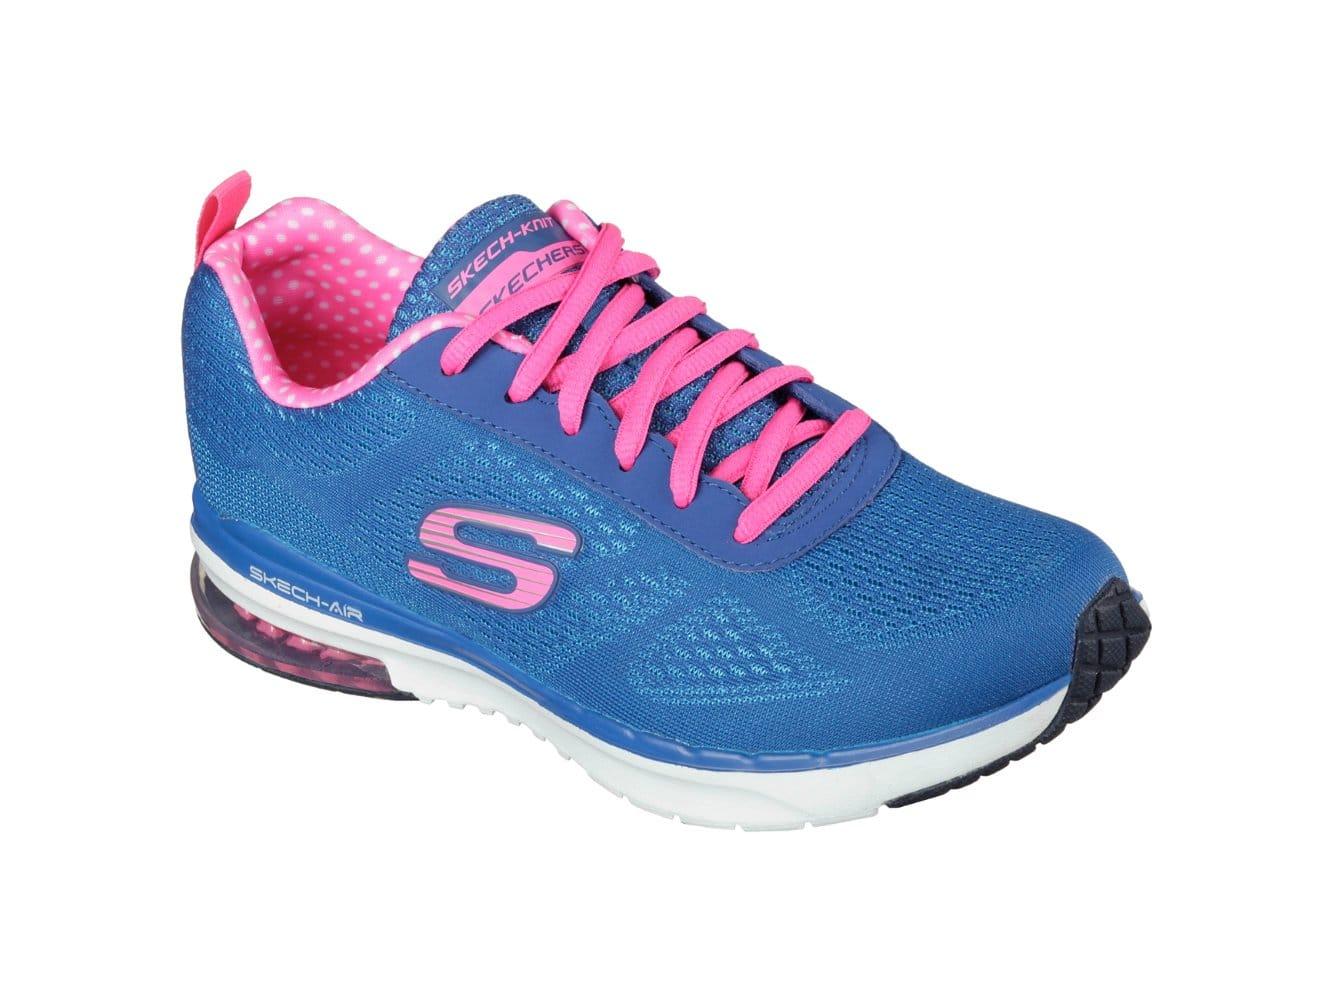 aefd628929d7 Skechers SKECH AIR INFINITY Ladies Trainers Blue Hot Pink